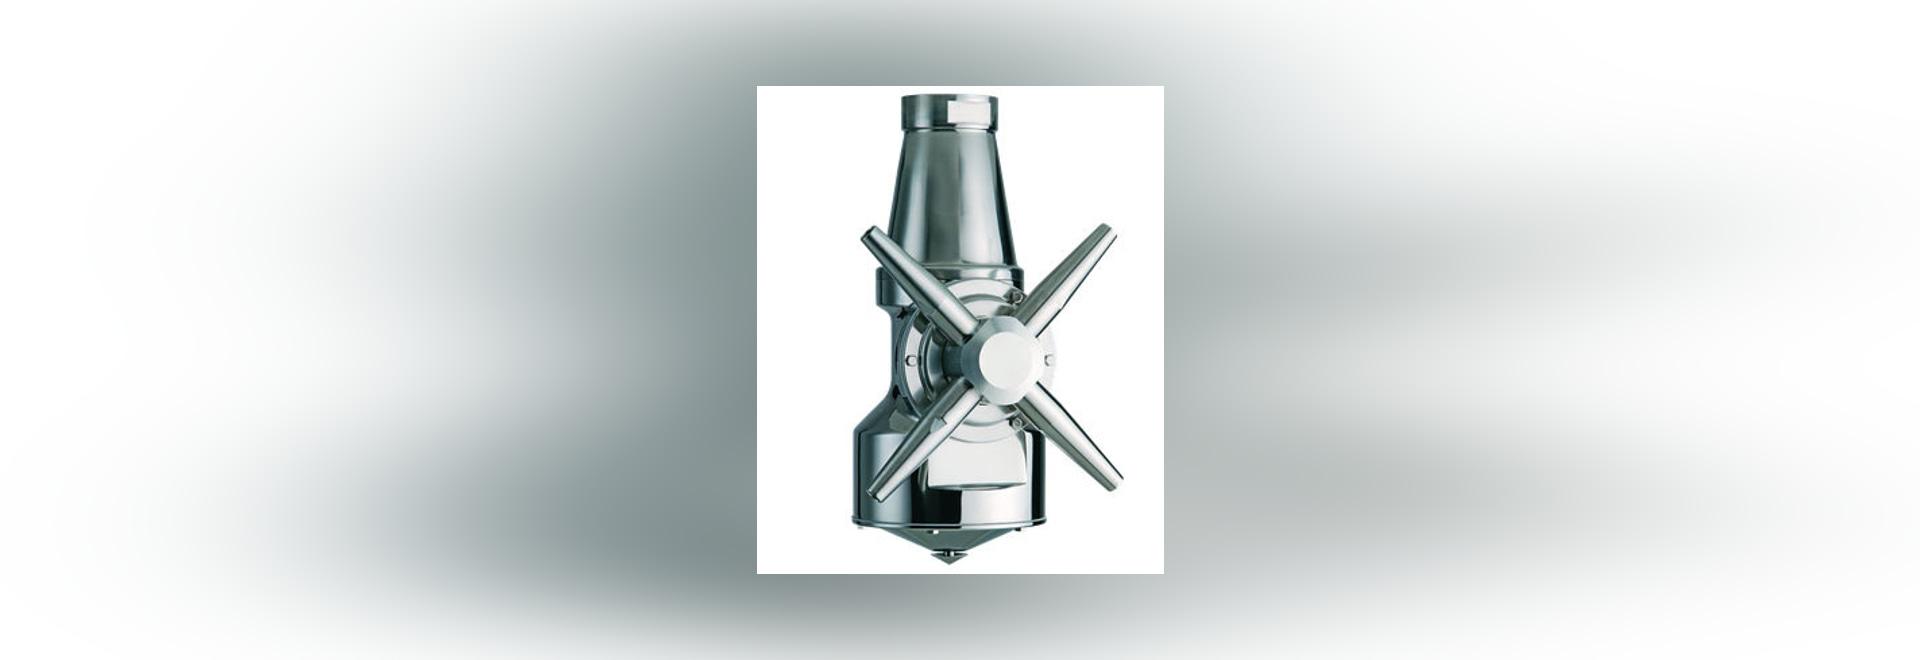 Carro armato-pulizia rotativa della testa del getto di T/TZ